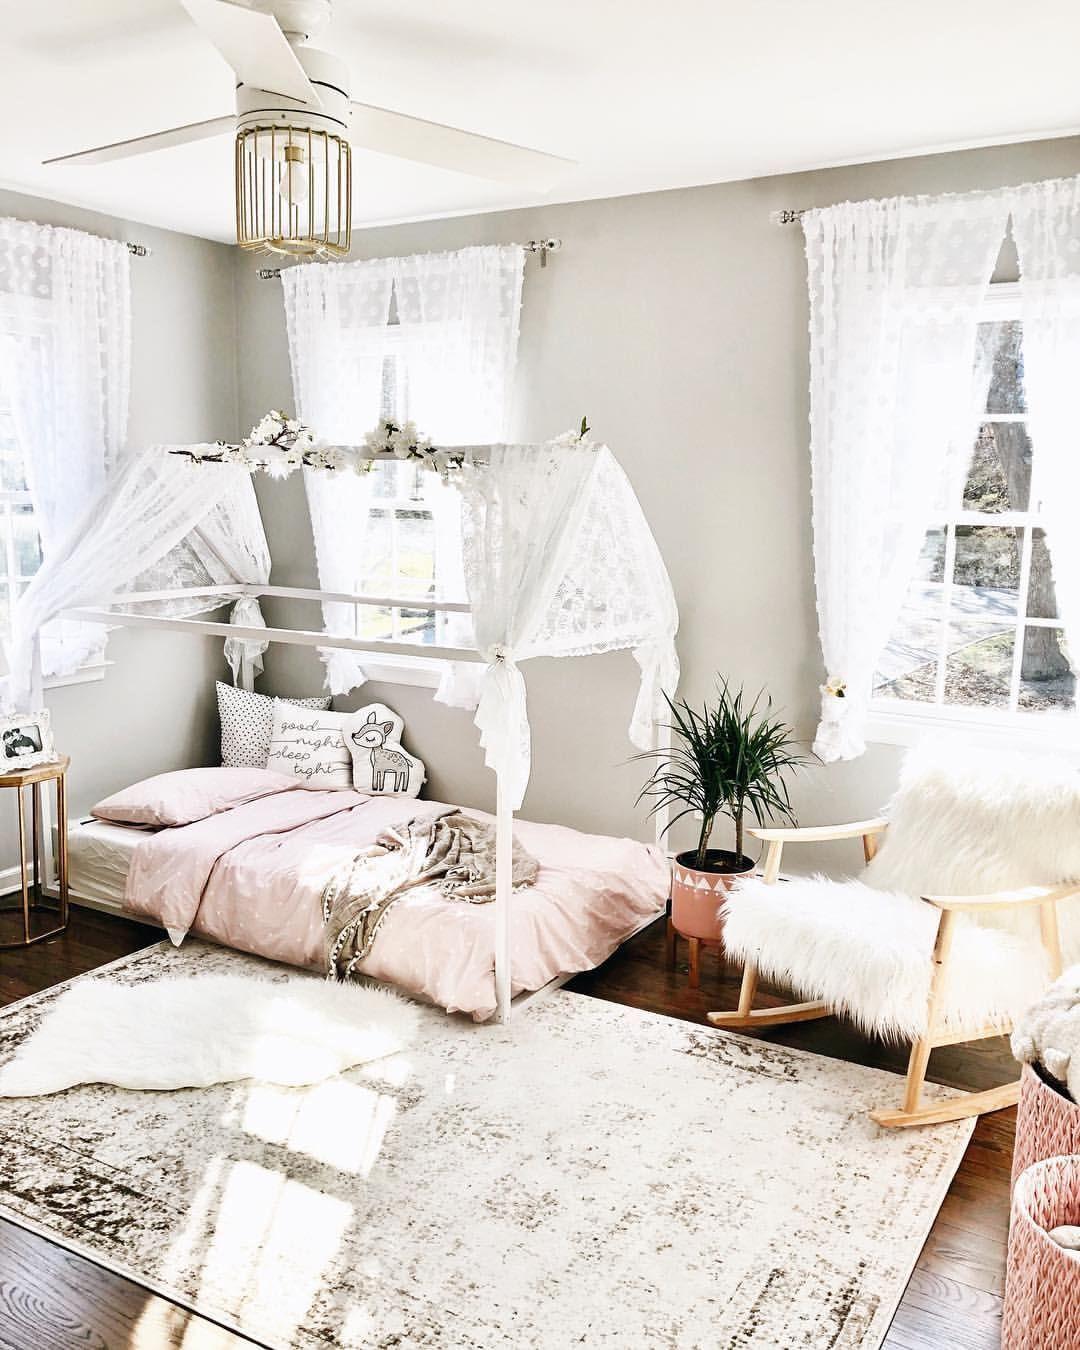 Big Bedroom: Toddler Room, Big Kid Room Inspiration, Toddler House Bed